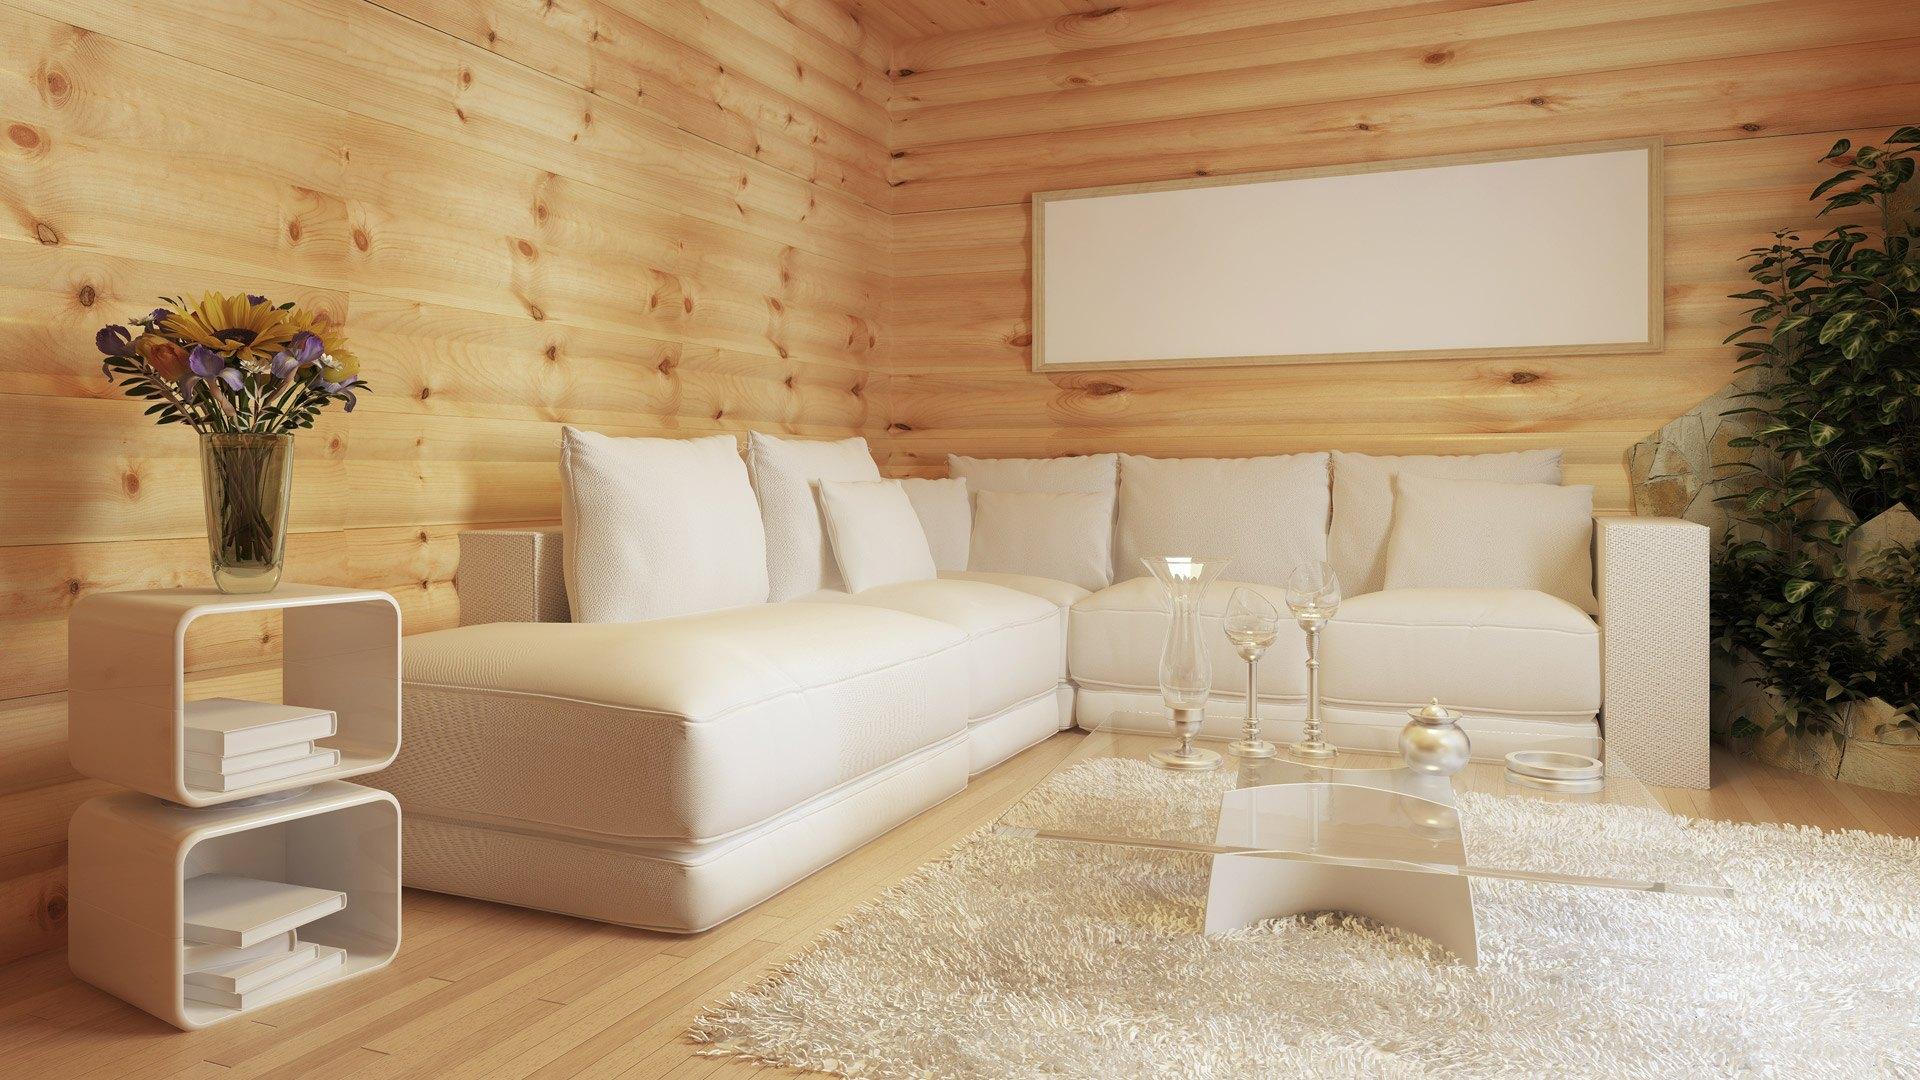 Holzhaus mit moderner Inneneinrichtung